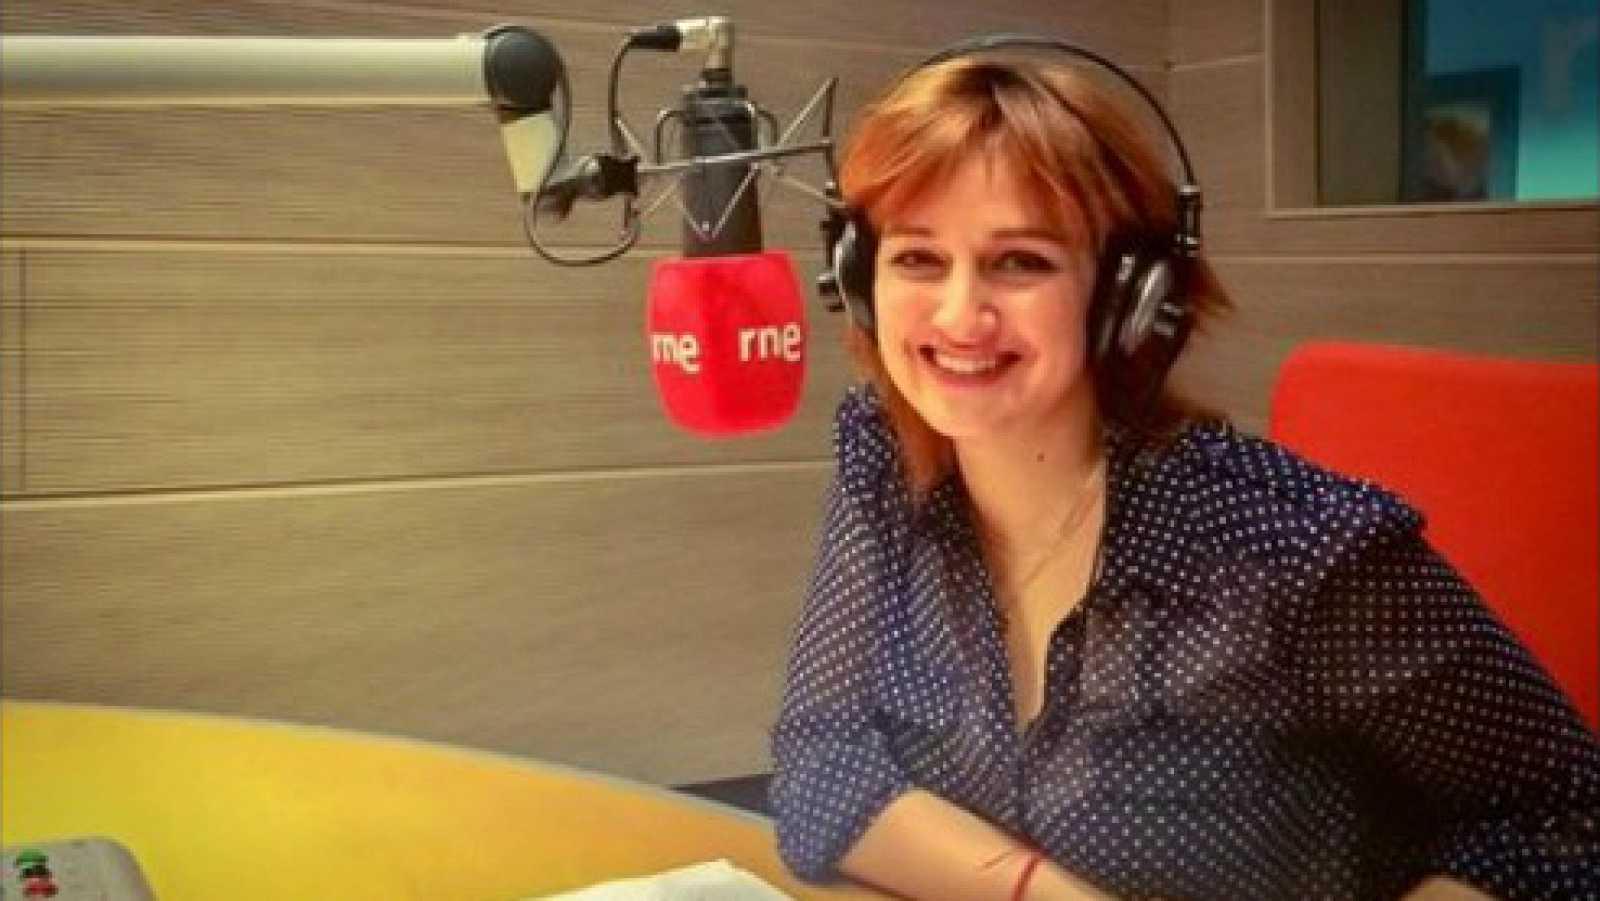 La sala - Teatrellas, con Patricia Estremera: de detalles y preguntas en voz alta - 22/10/18 - Escuchar ahora